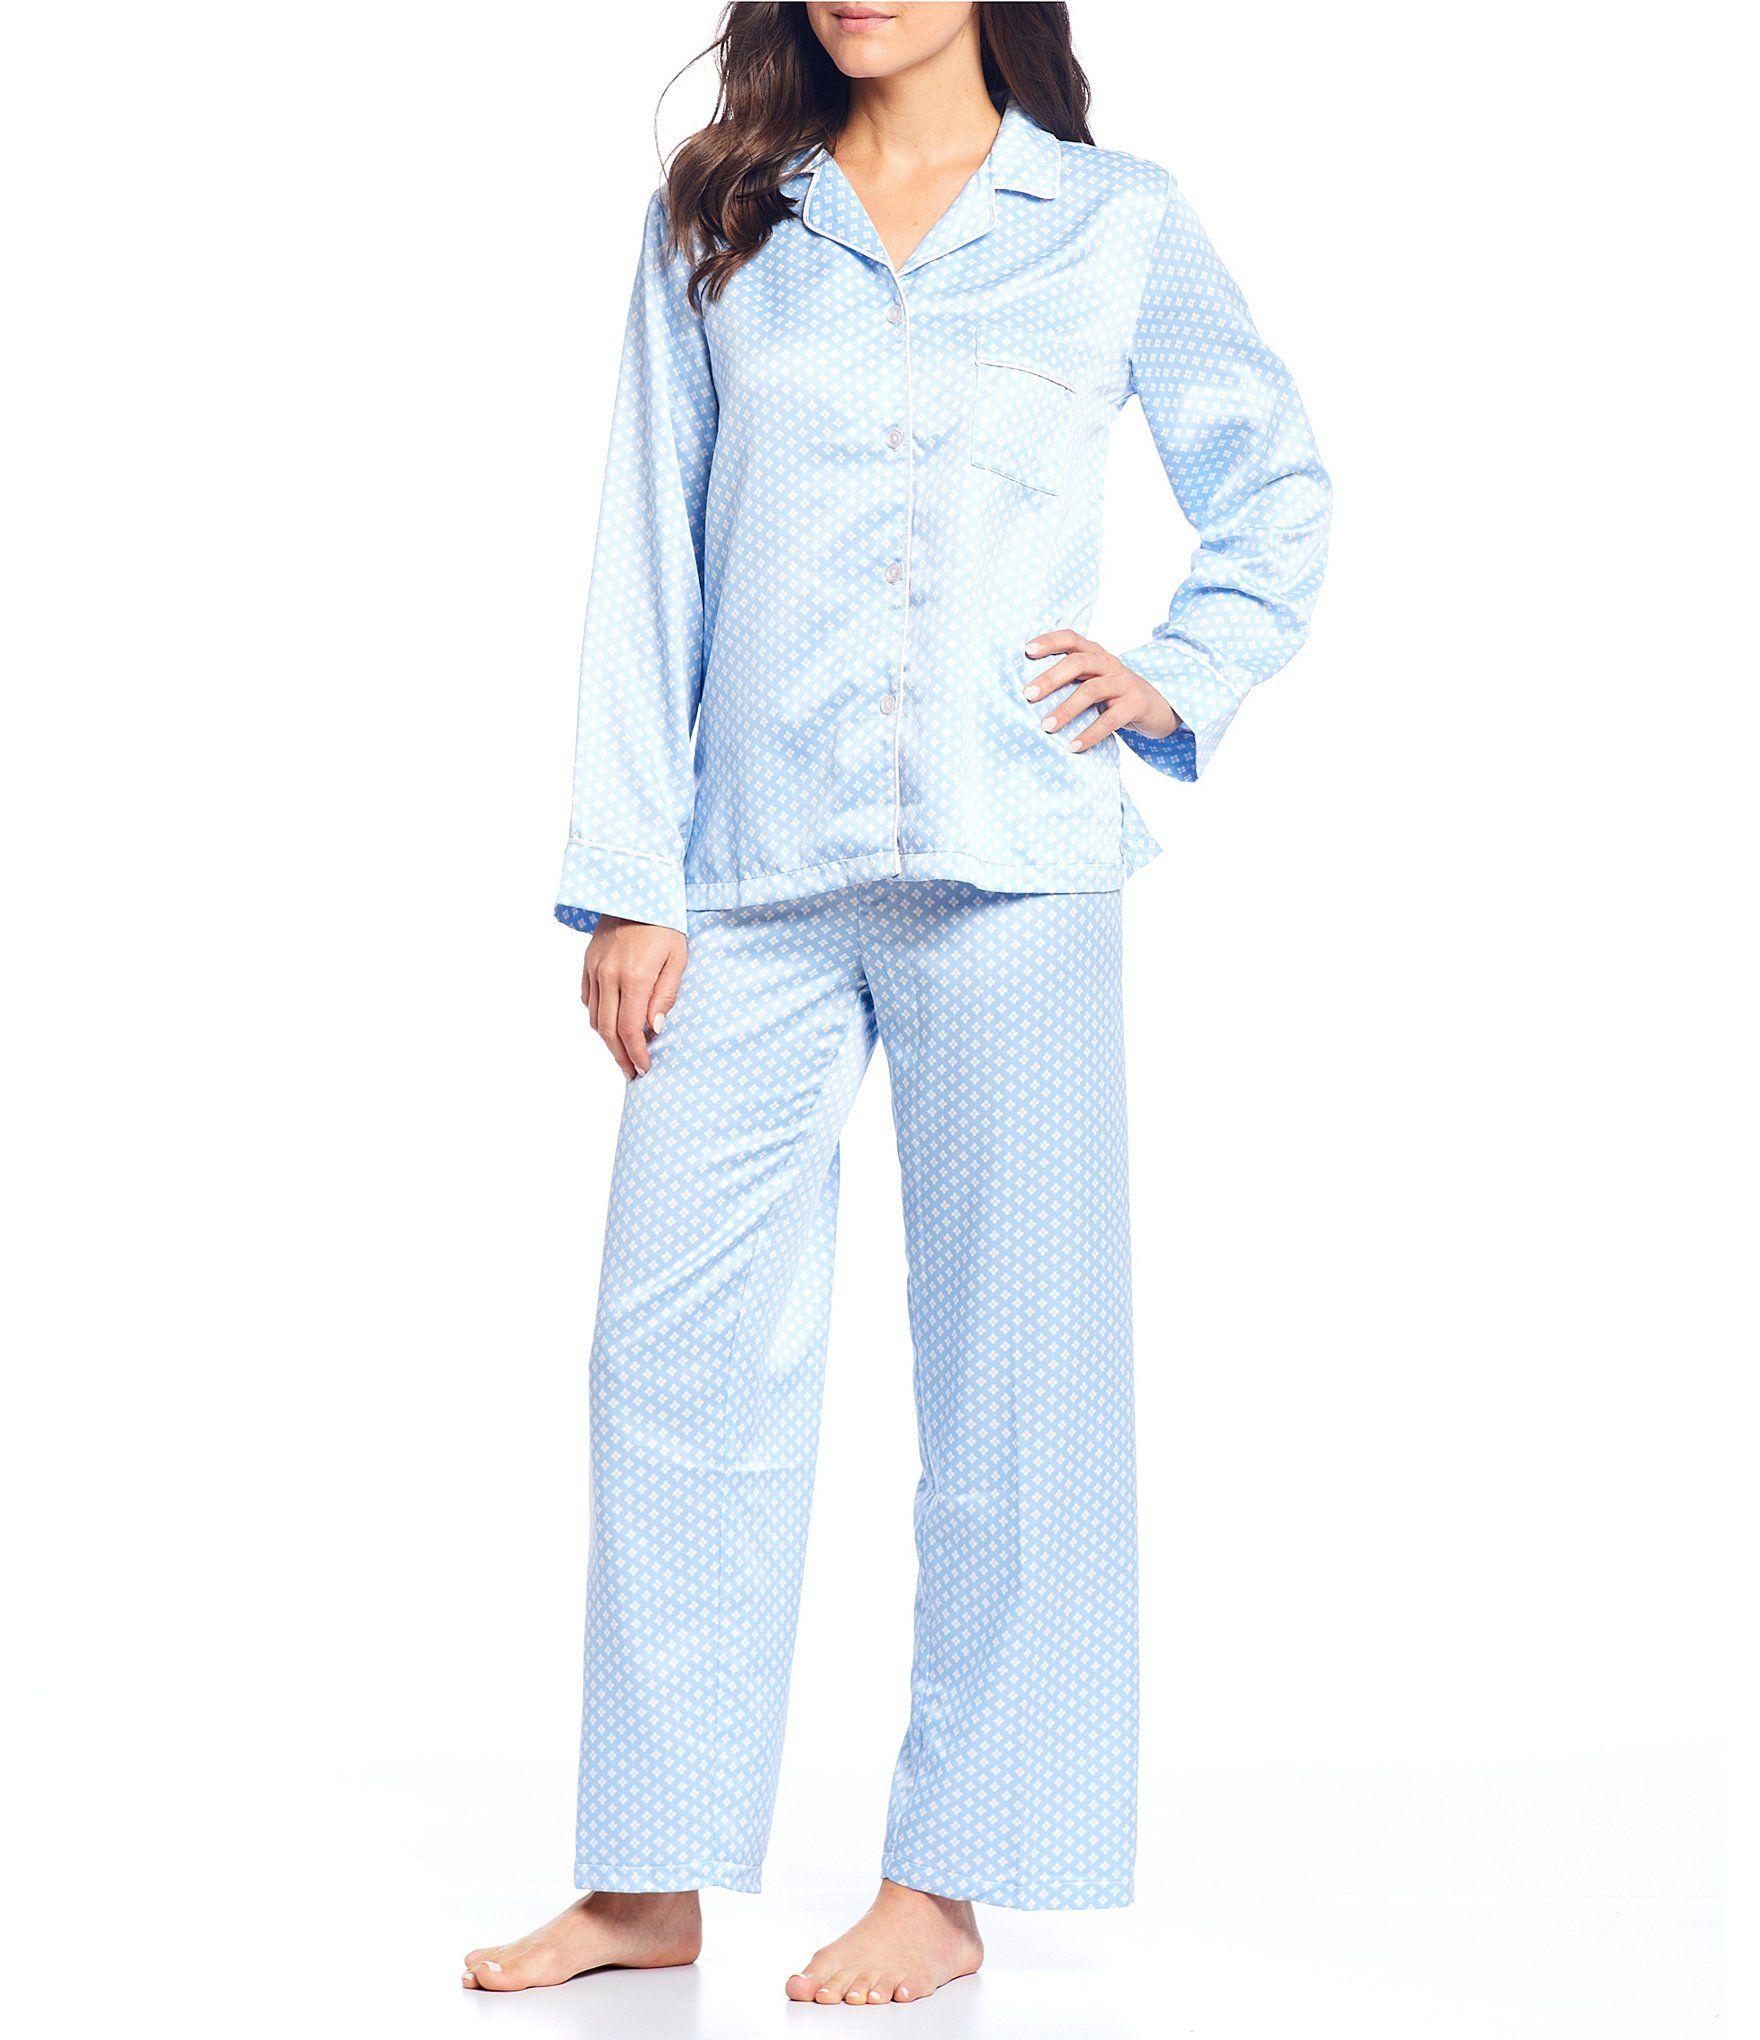 Miss Elaine Brushed Back Satin Foulard-Print Pajama Set - Blue/Multi XL